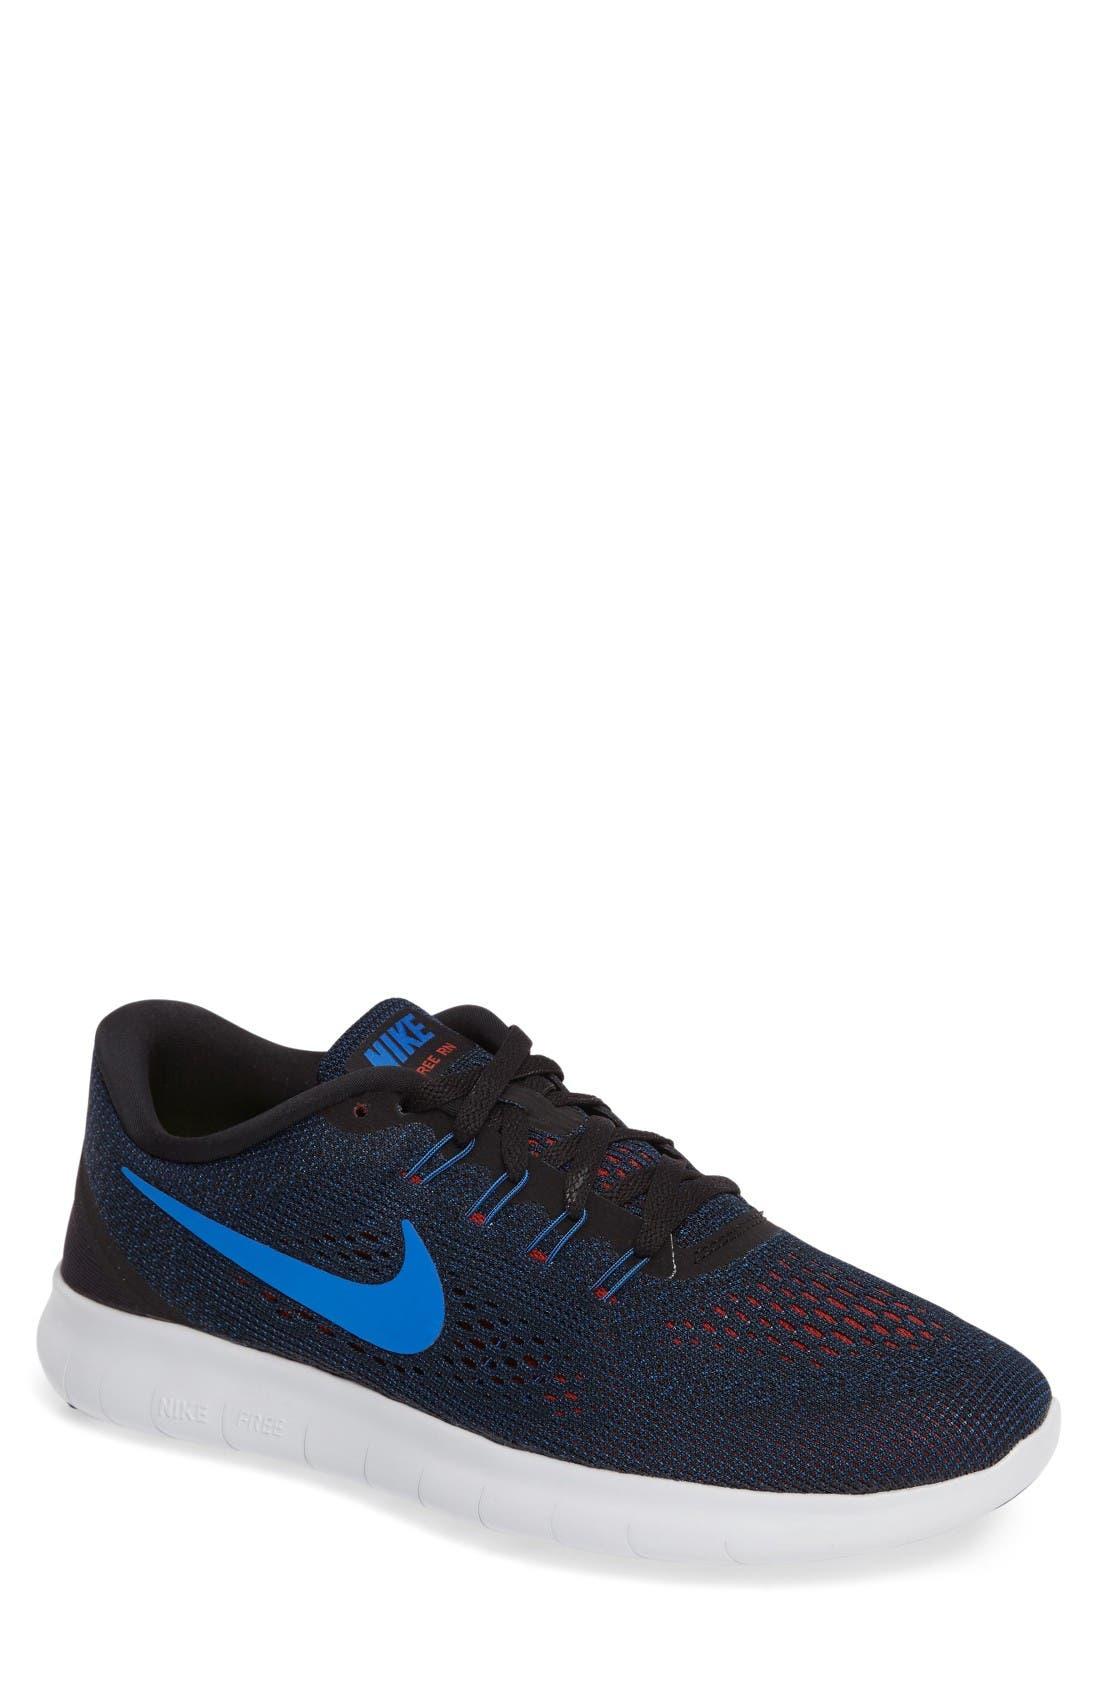 Main Image - Nike 'Free RN' Running Shoe (Men)